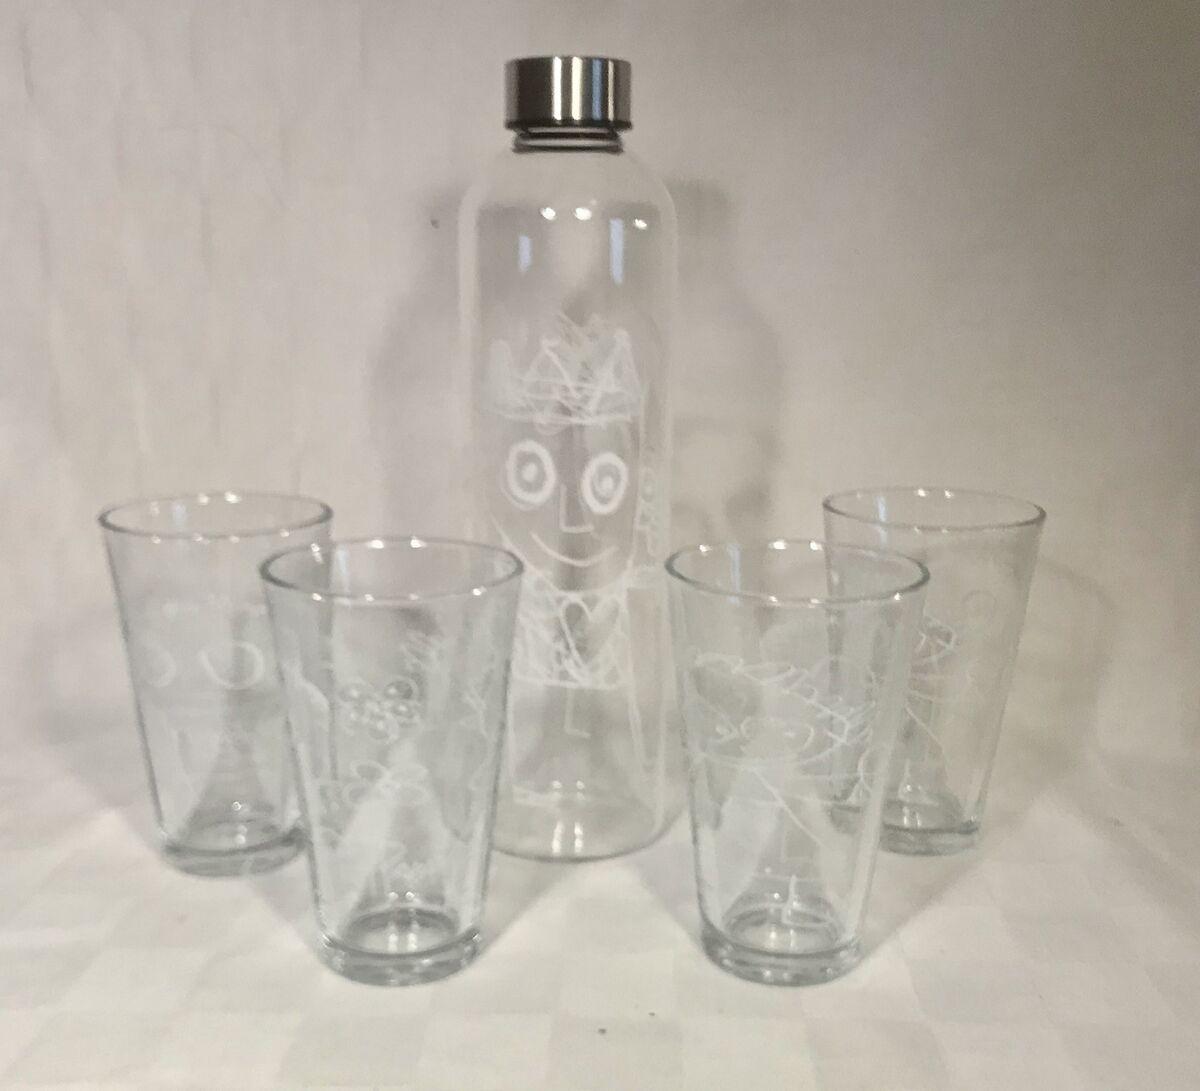 Fantastisk Glas, Glas og karaffel, Poul Pava – dba.dk – Køb og Salg af Nyt og CE94